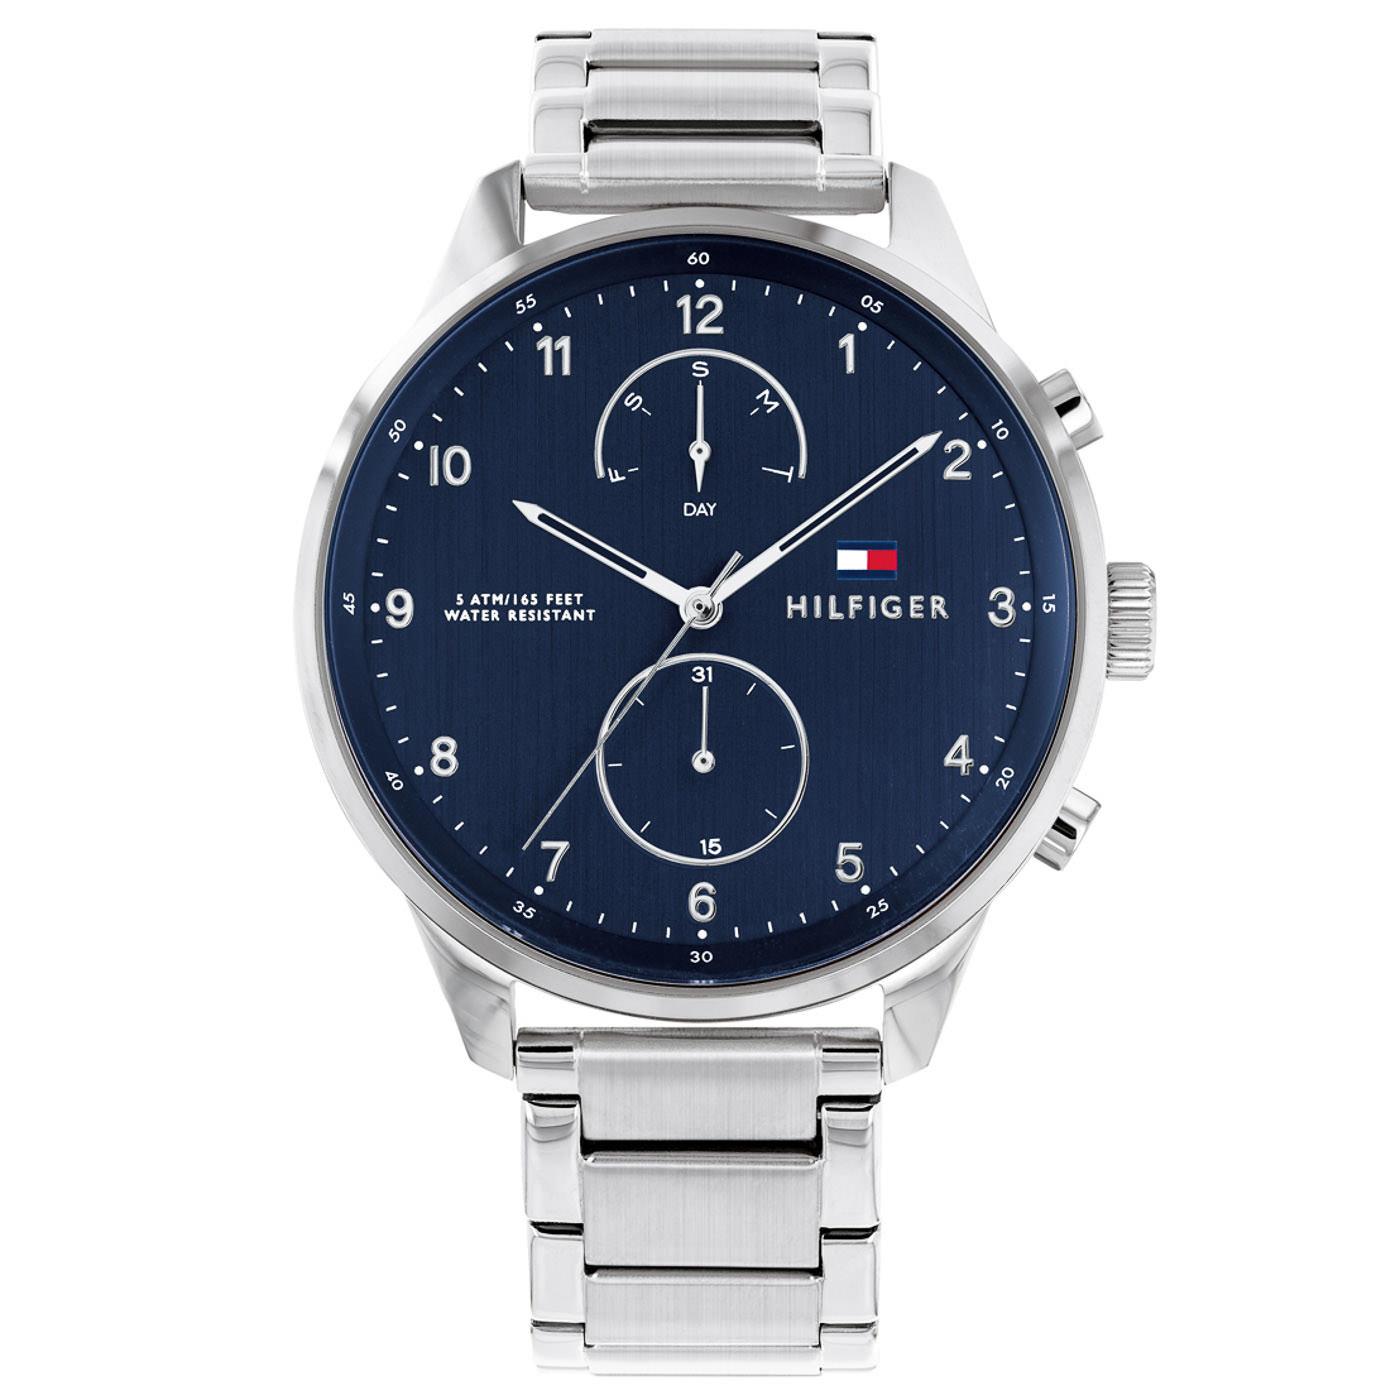 615ae5f1f0f5 Tommy Hilfiger relojes TH1791575 - Relojes